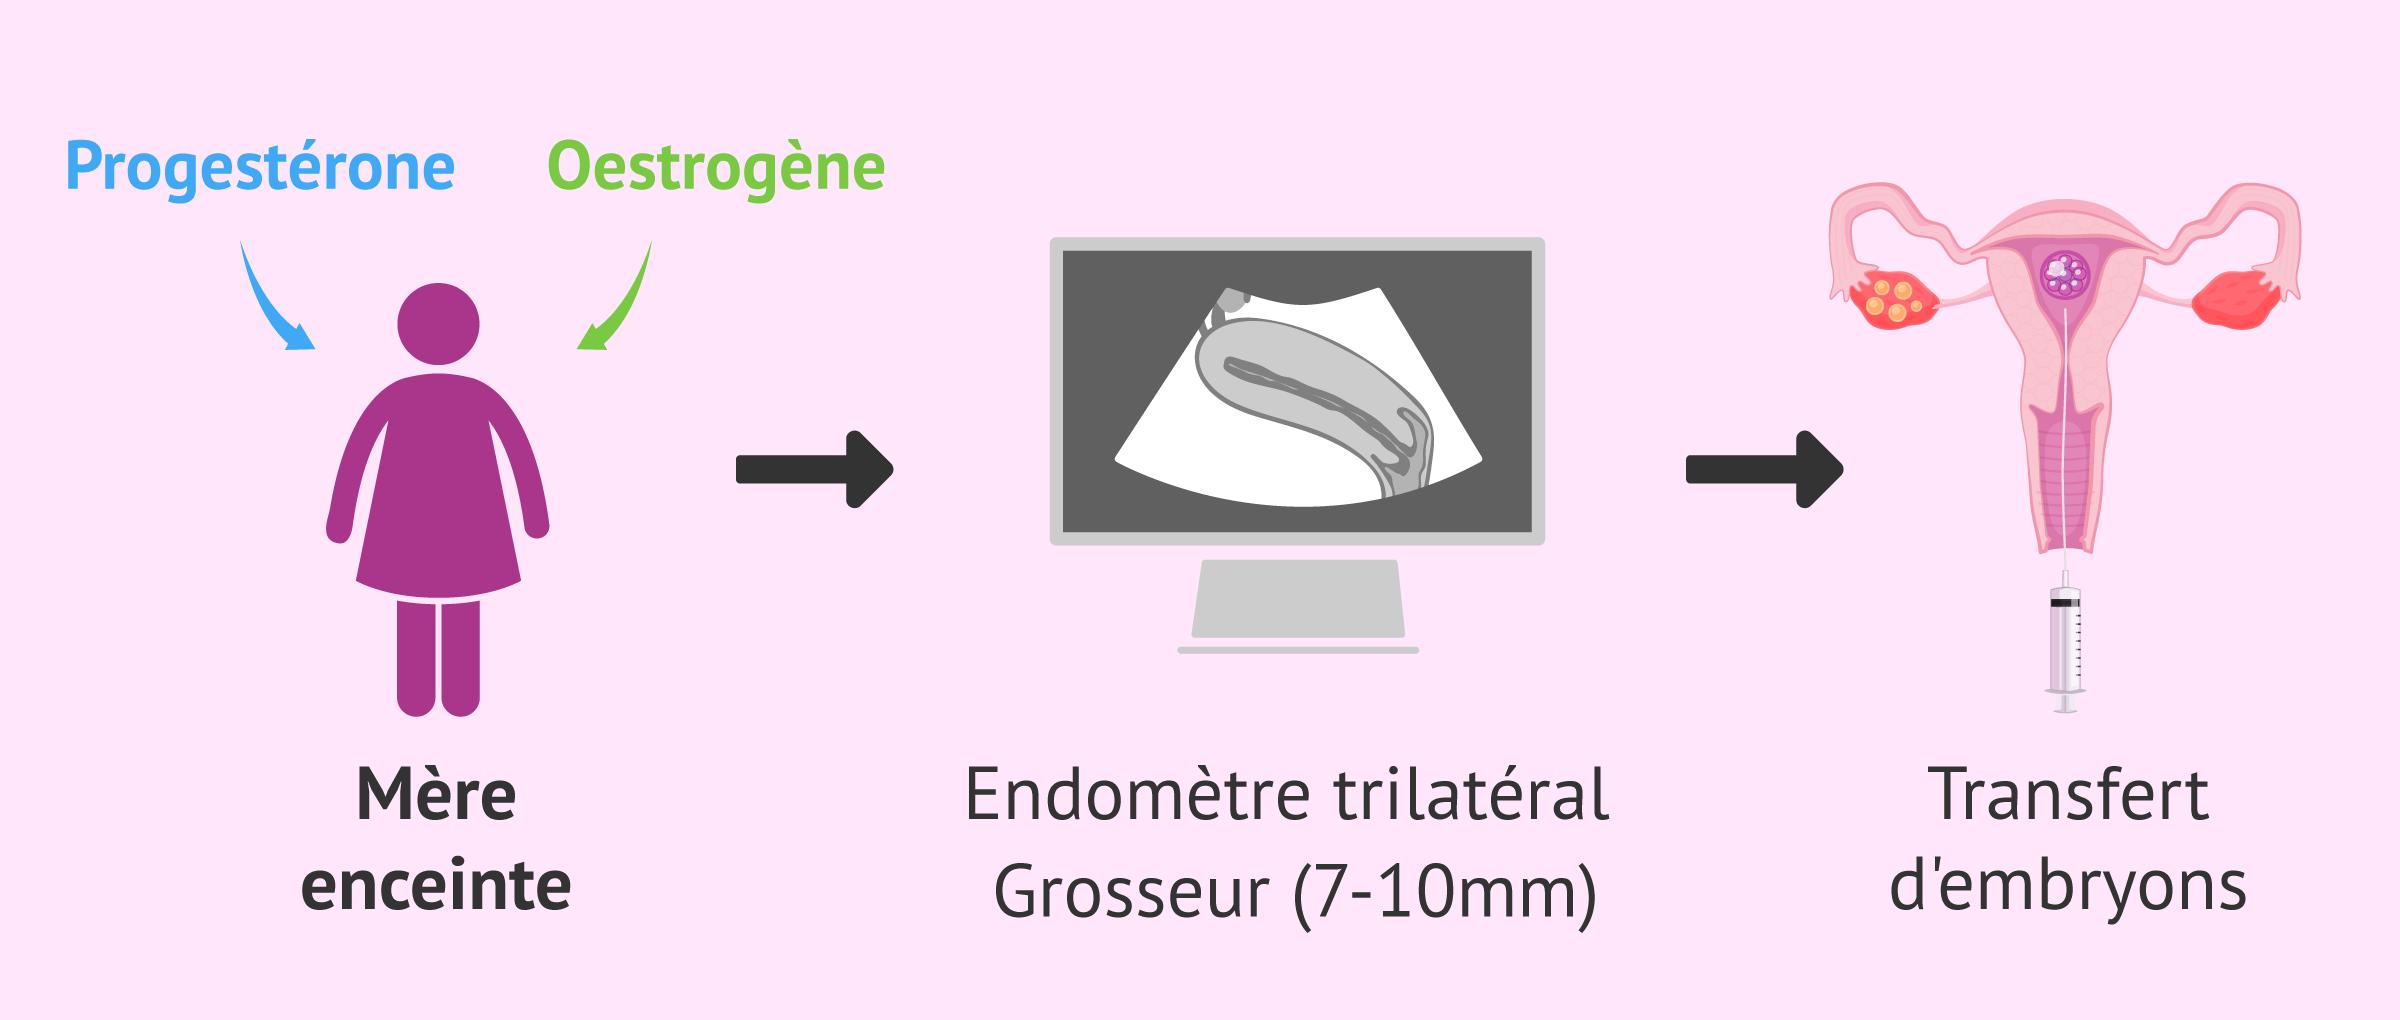 Imagen: Préparation de l'endomètre et transfert d'embryons